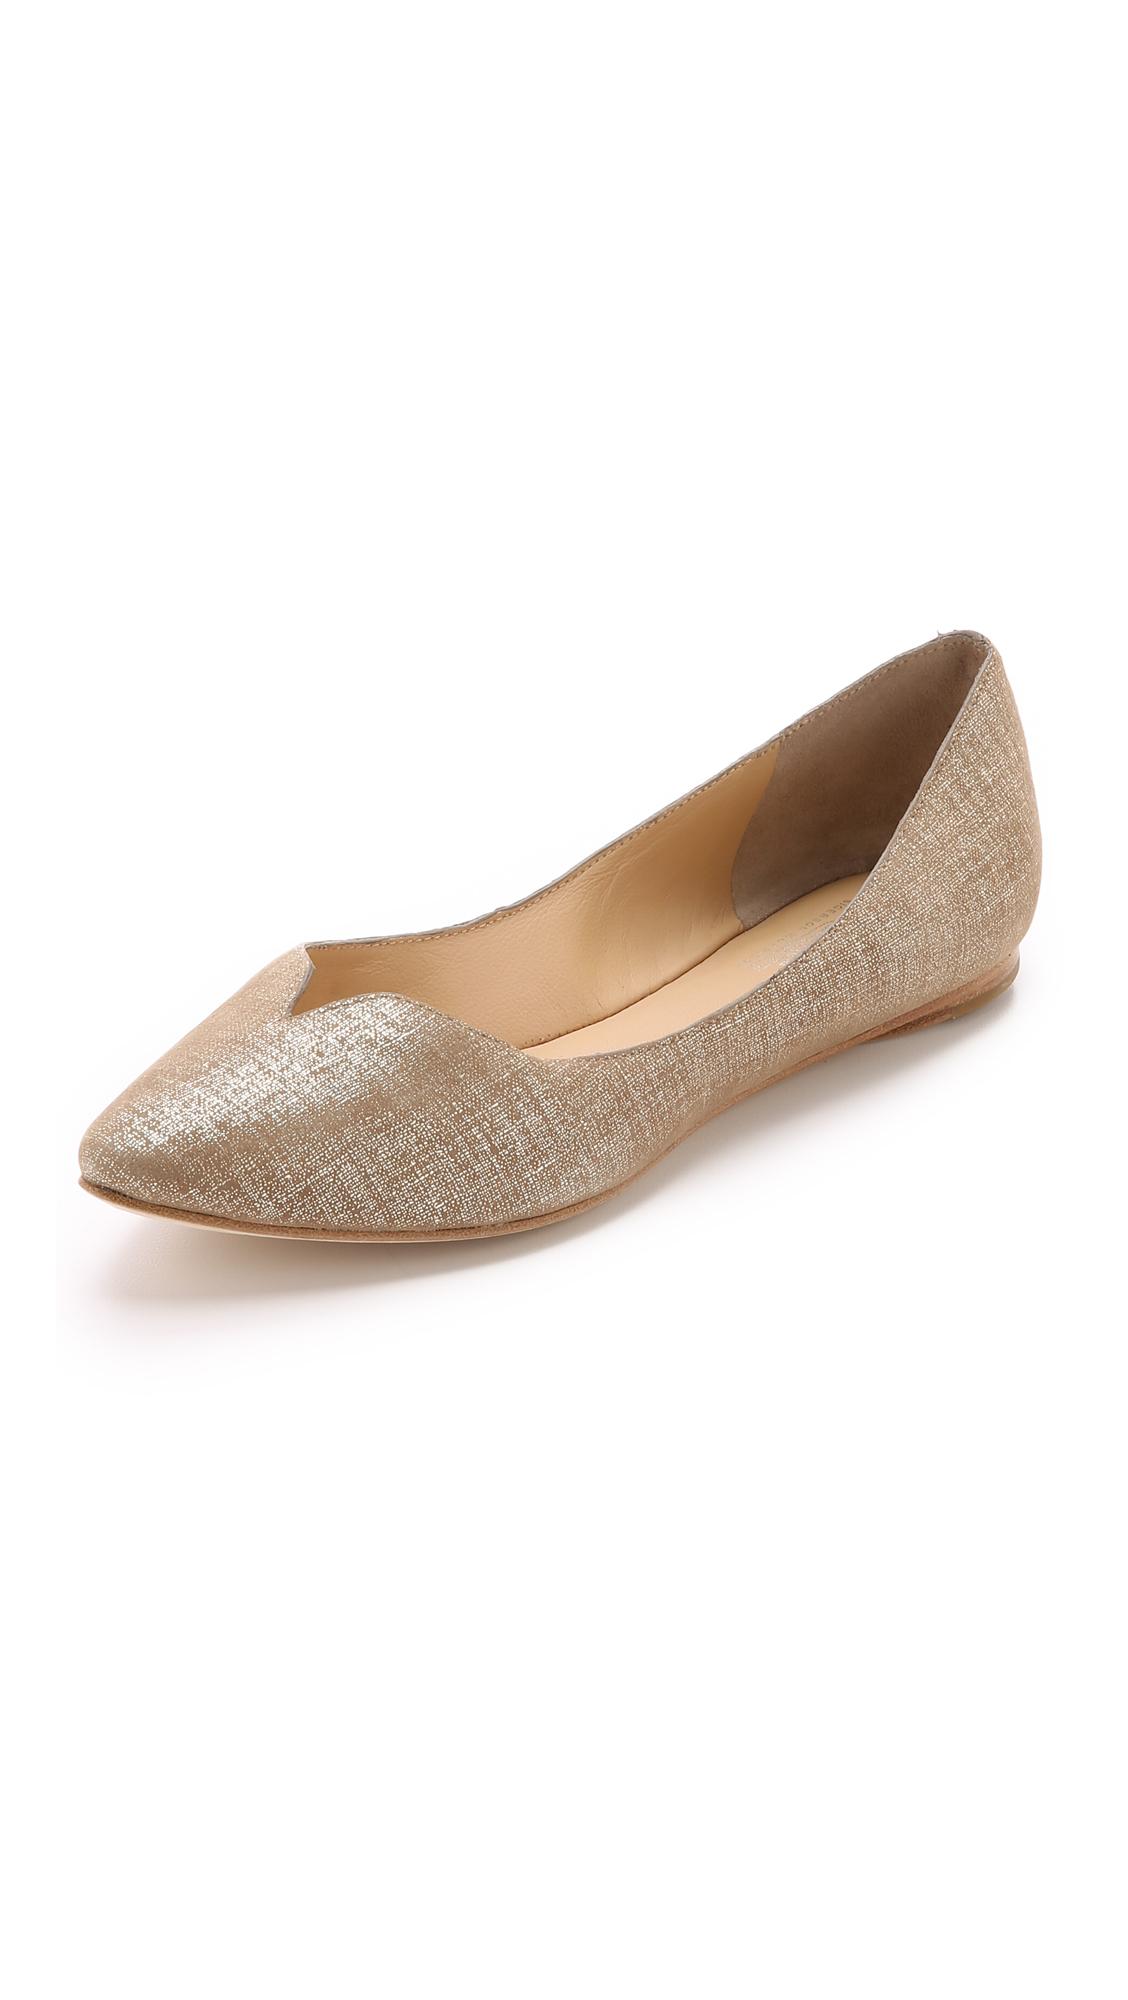 Lanvin Size Guide Shoes